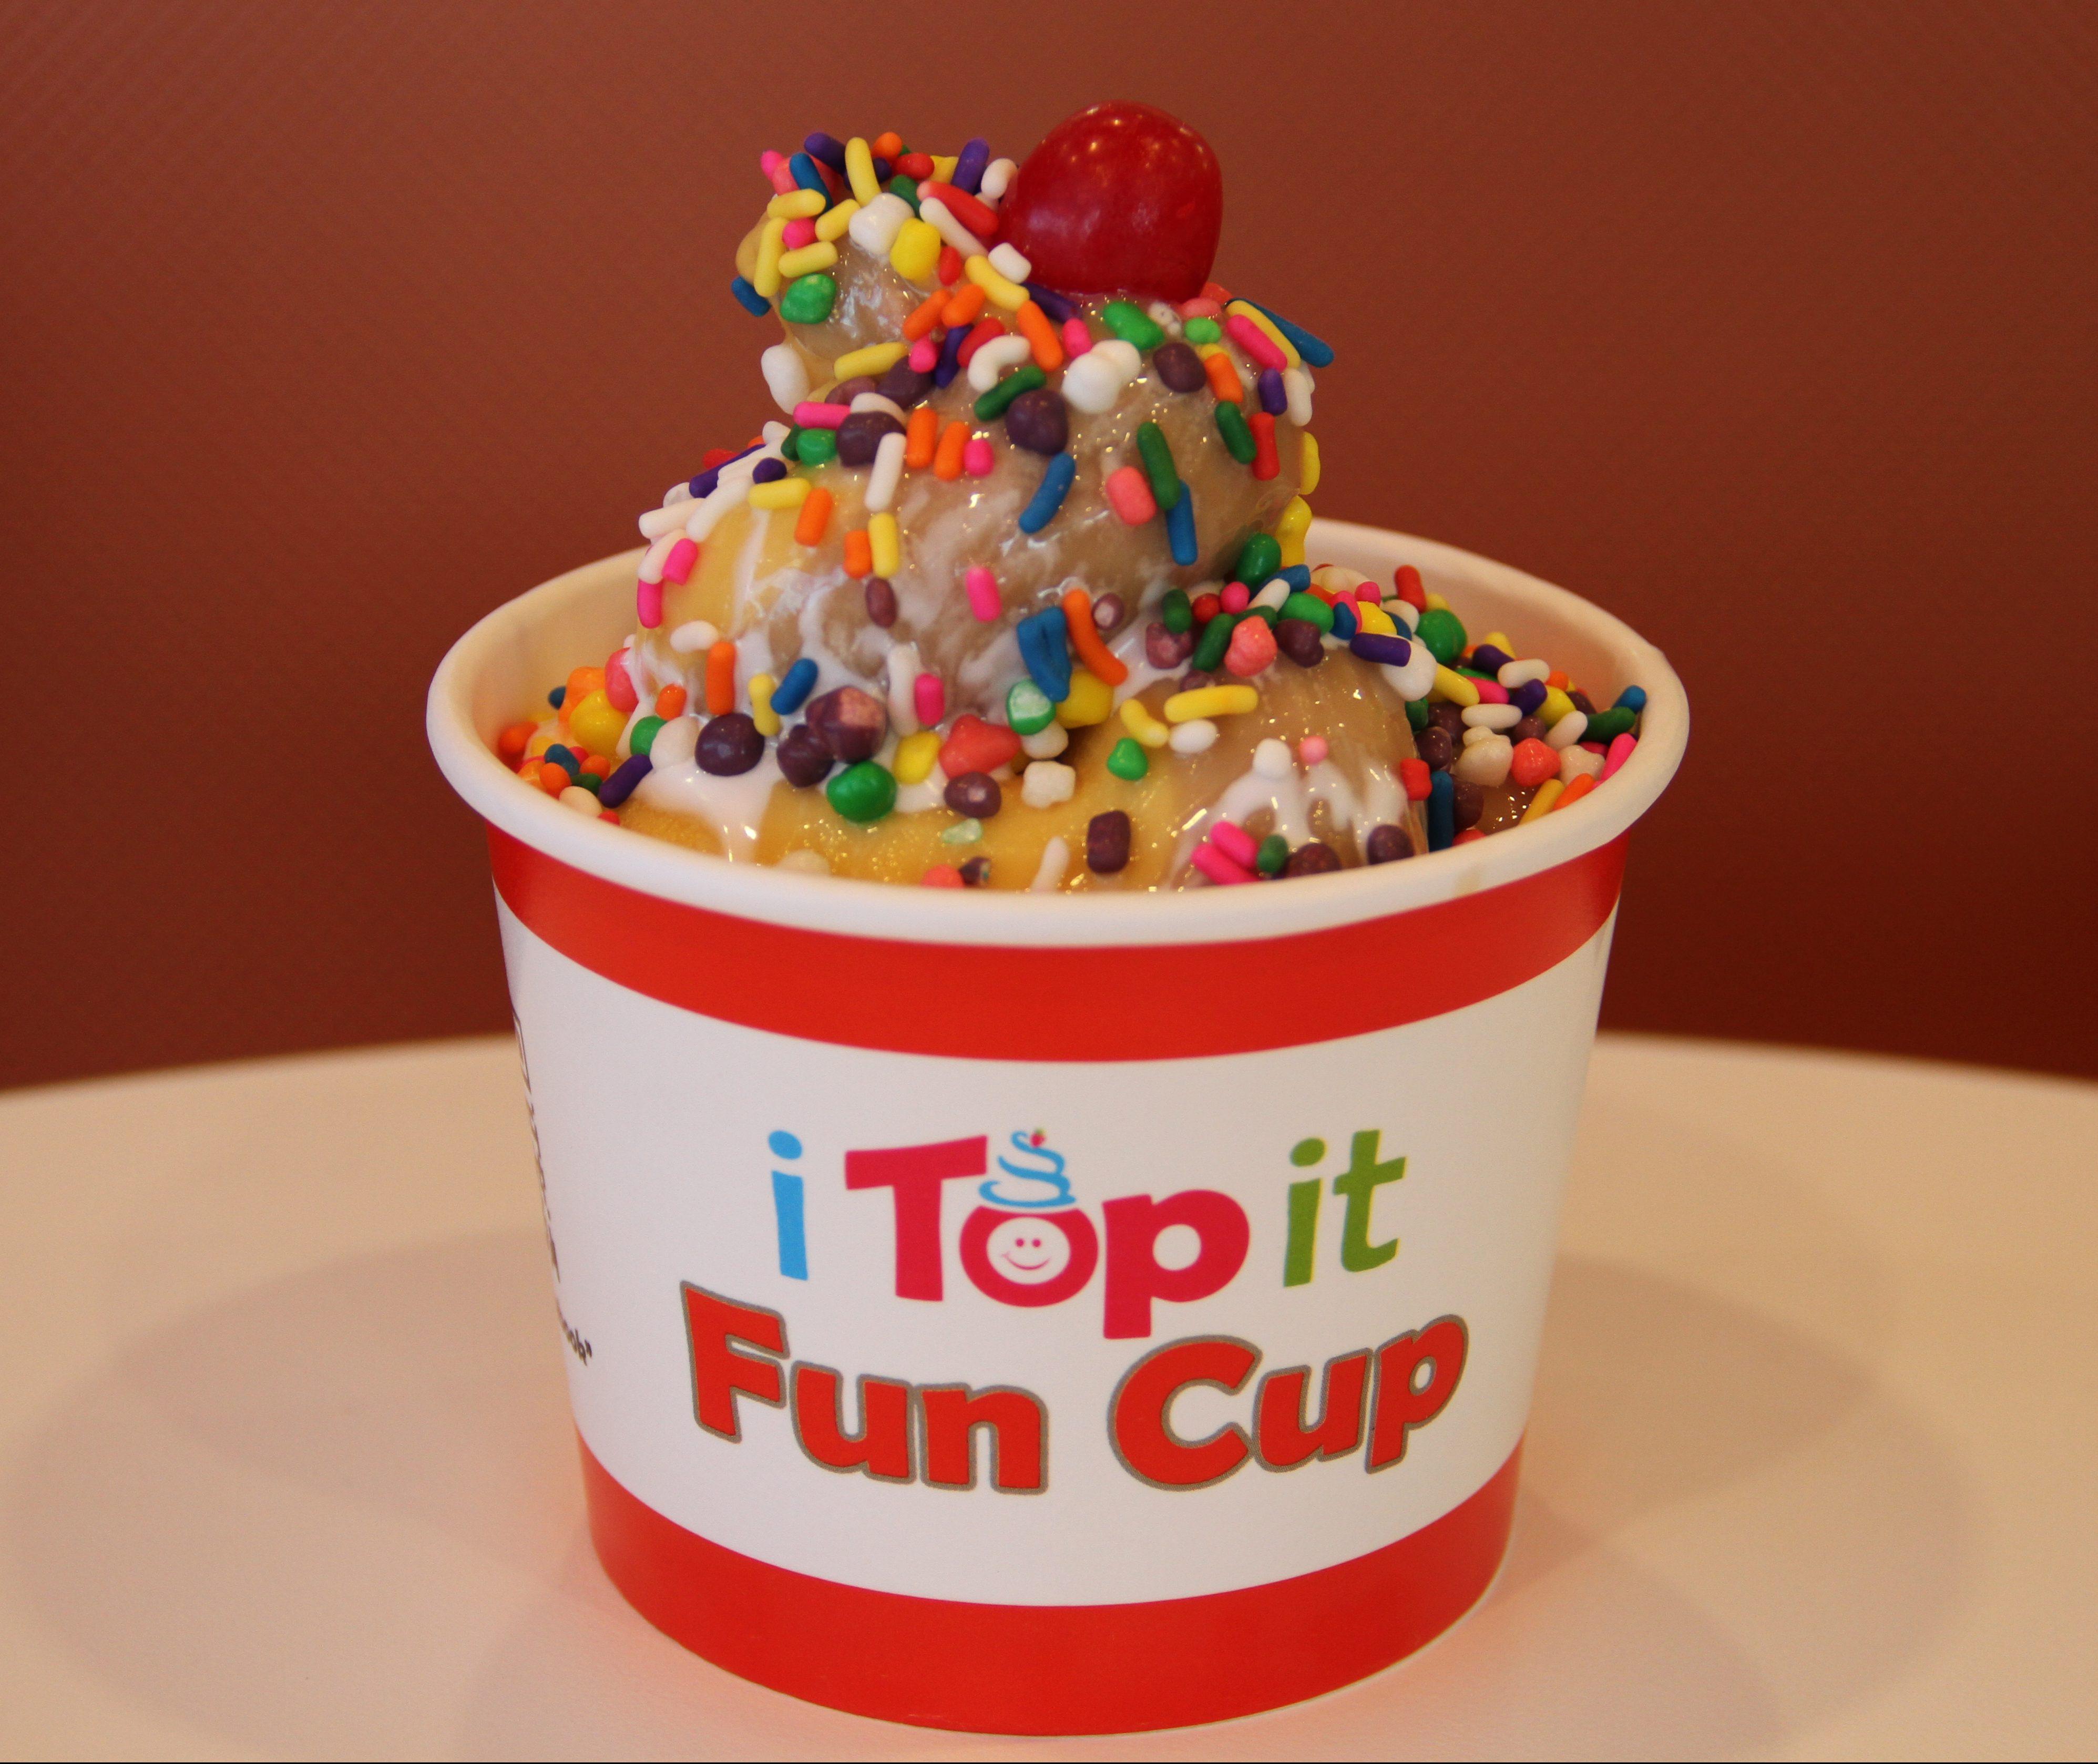 Weightless Fun Cup